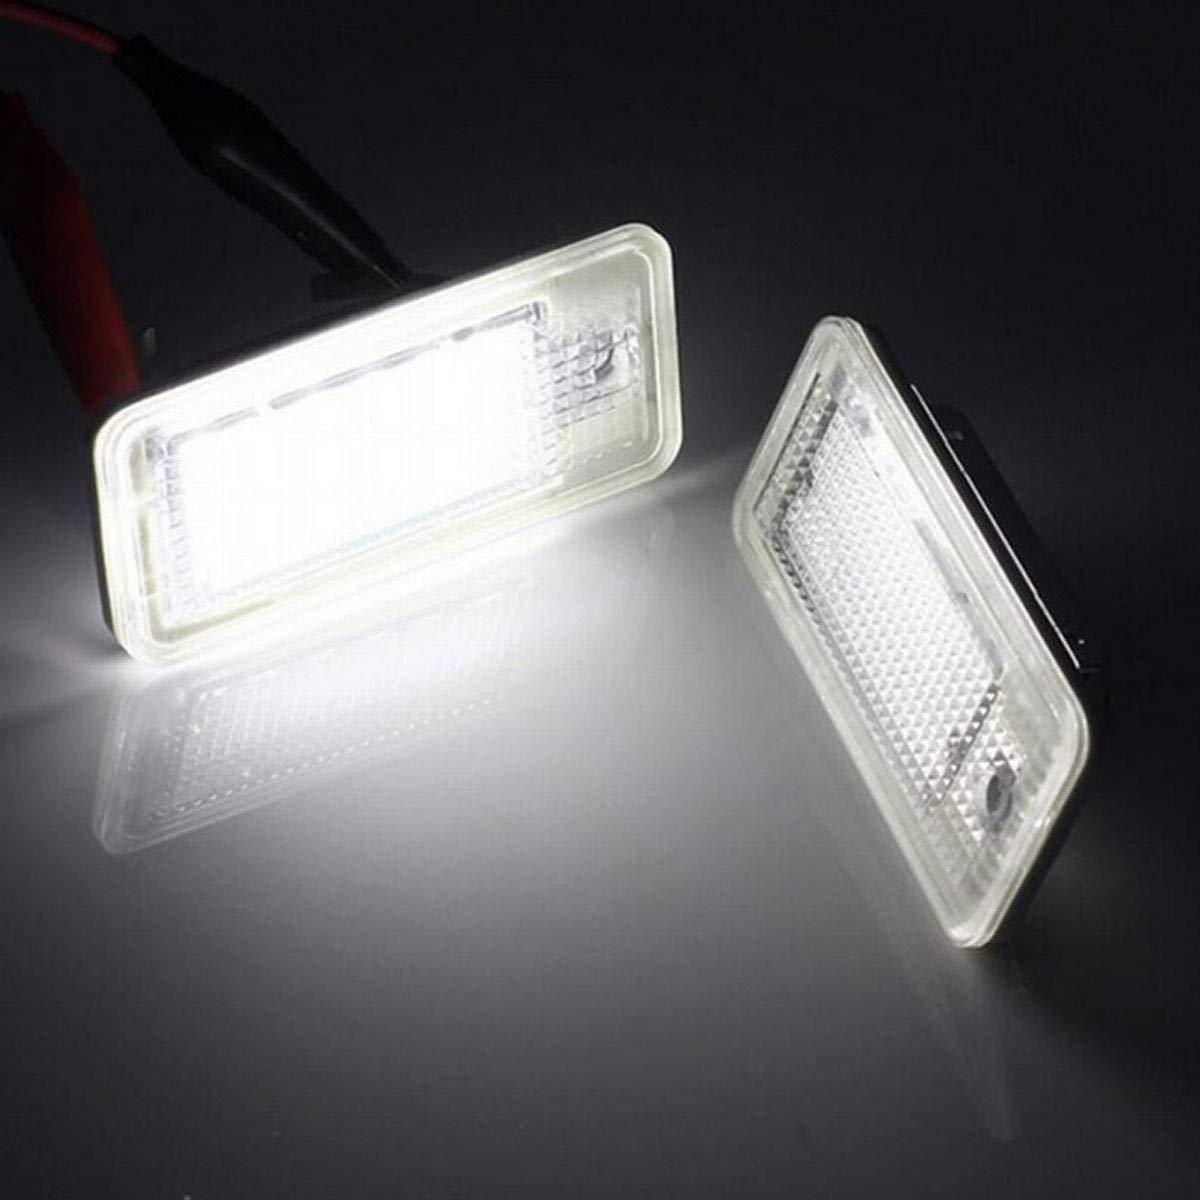 DONGMAO Luces de matr/ícula,2Pcs 18 LED N/úmero de matr/ícula L/ámpara de luz para A//UDI A3 S3 8P 8PA A4 S4 B6 B7 8H RS4 8E A5 RS5